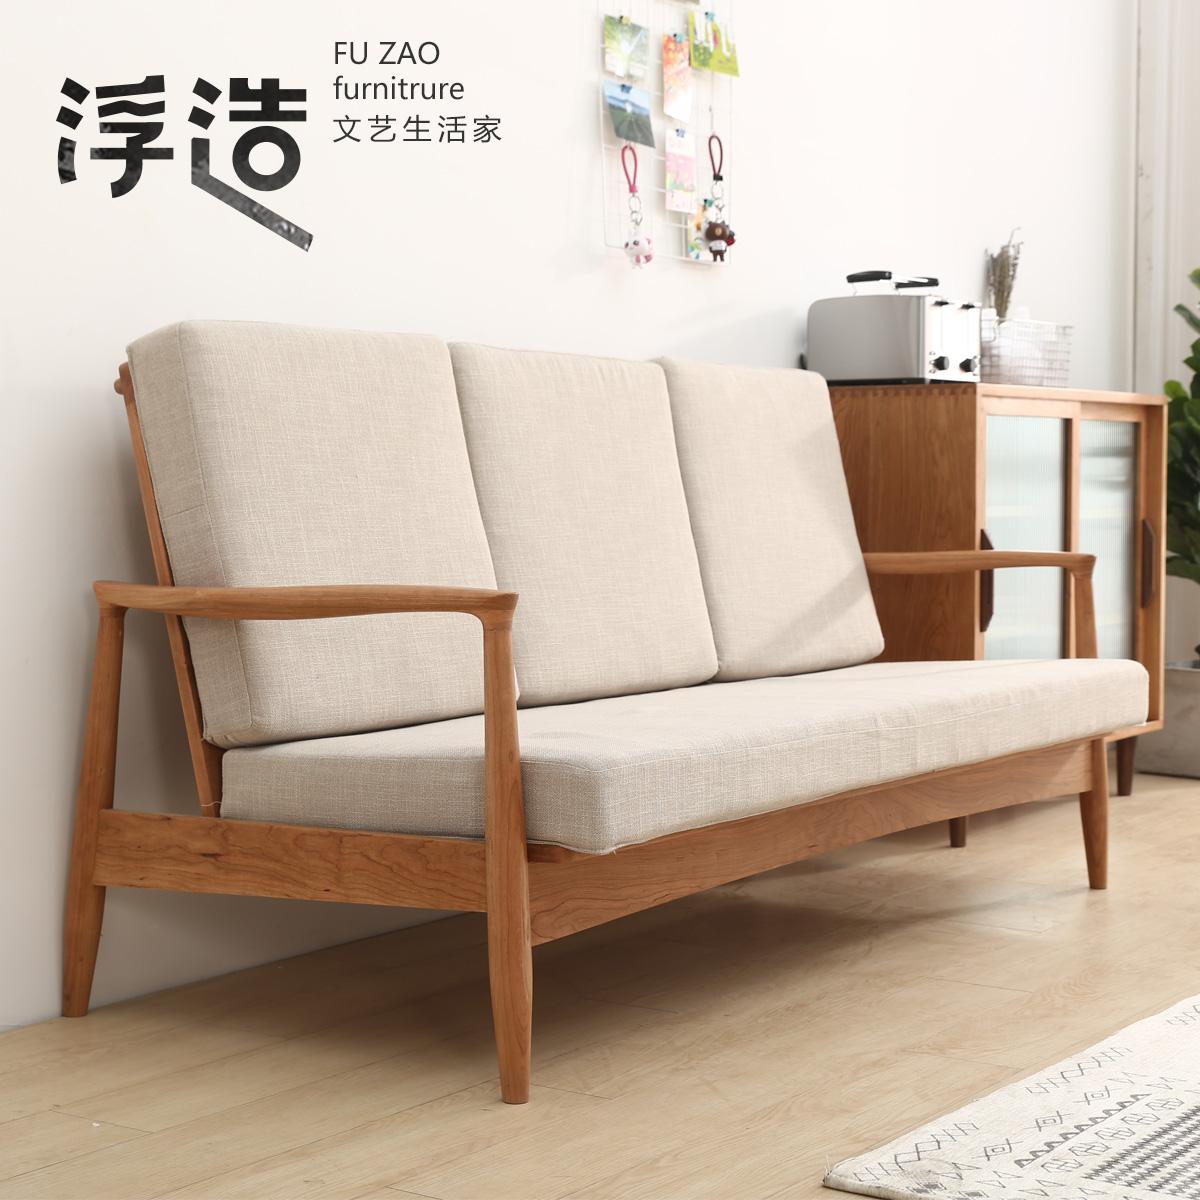 热销4件手慢无【浮造】北欧日式小户型实木沙发现代简约樱桃木客厅沙发椅